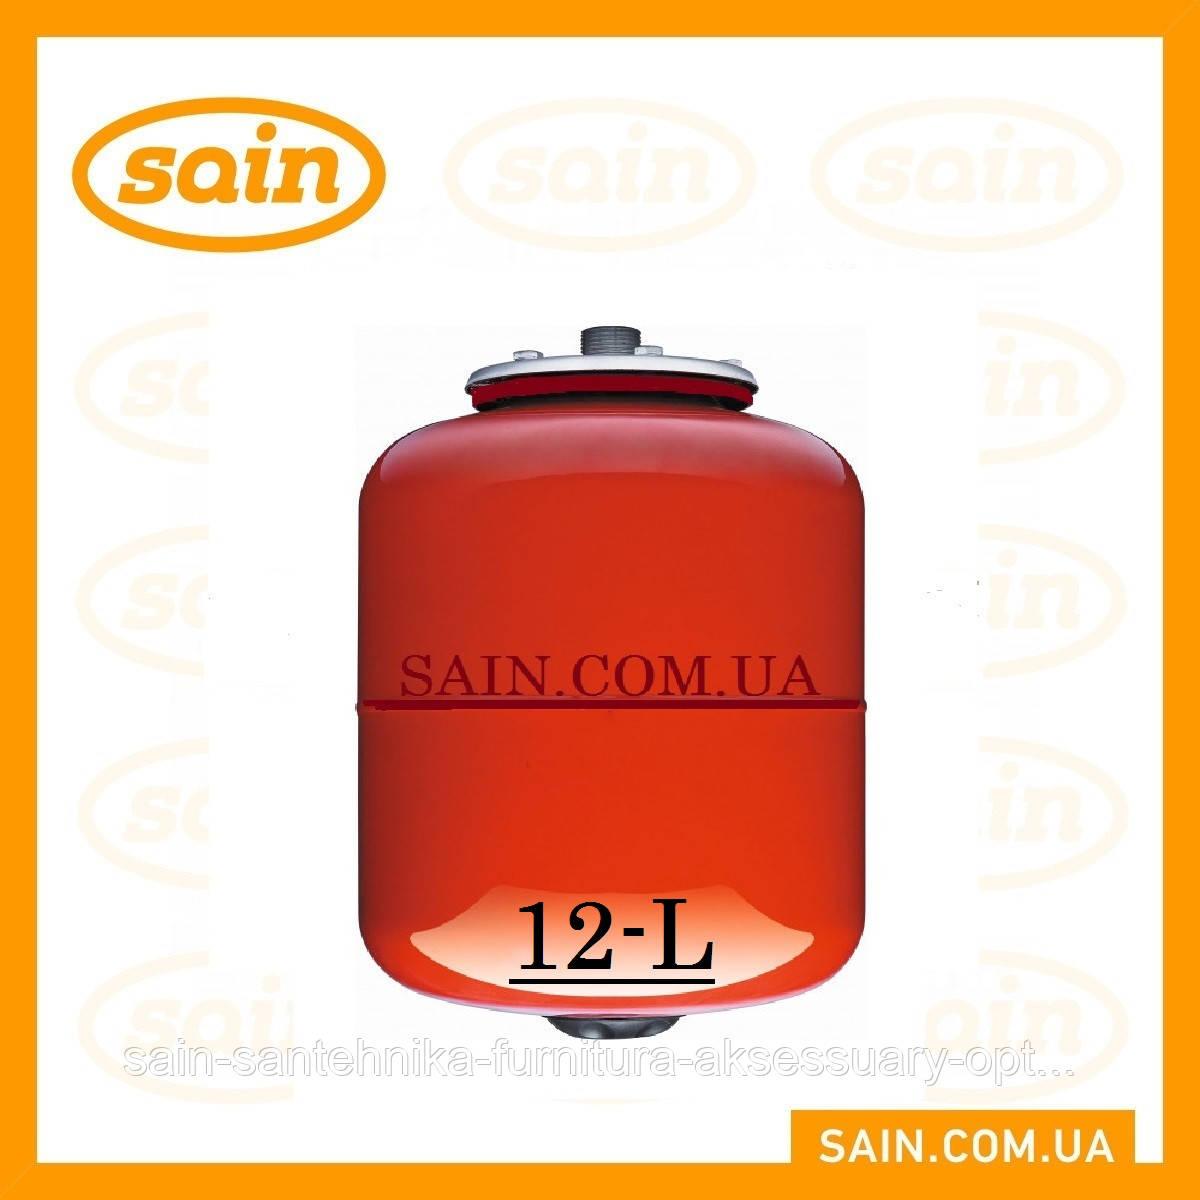 Расширительный бак 12 L круглый, для закрытой системы отопления:  выбор, установка,расчет.